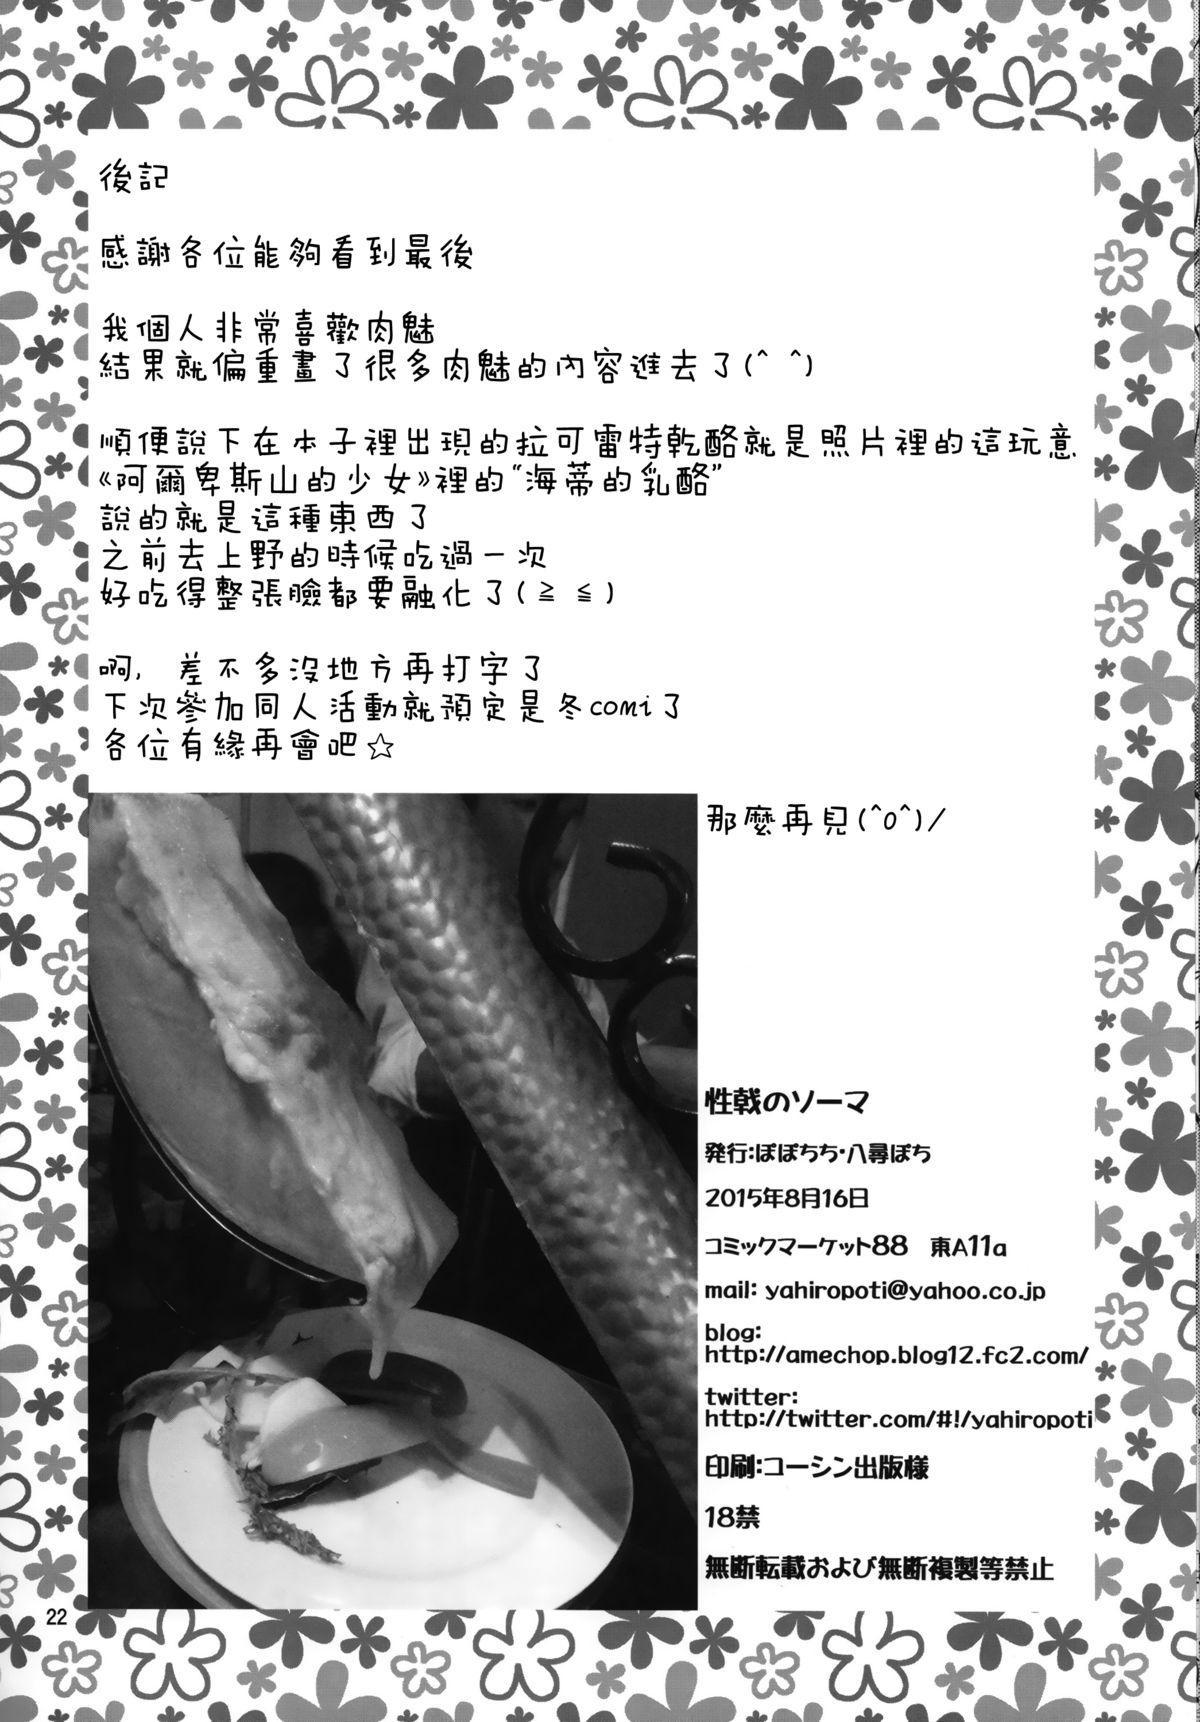 Seigeki no Soma 22